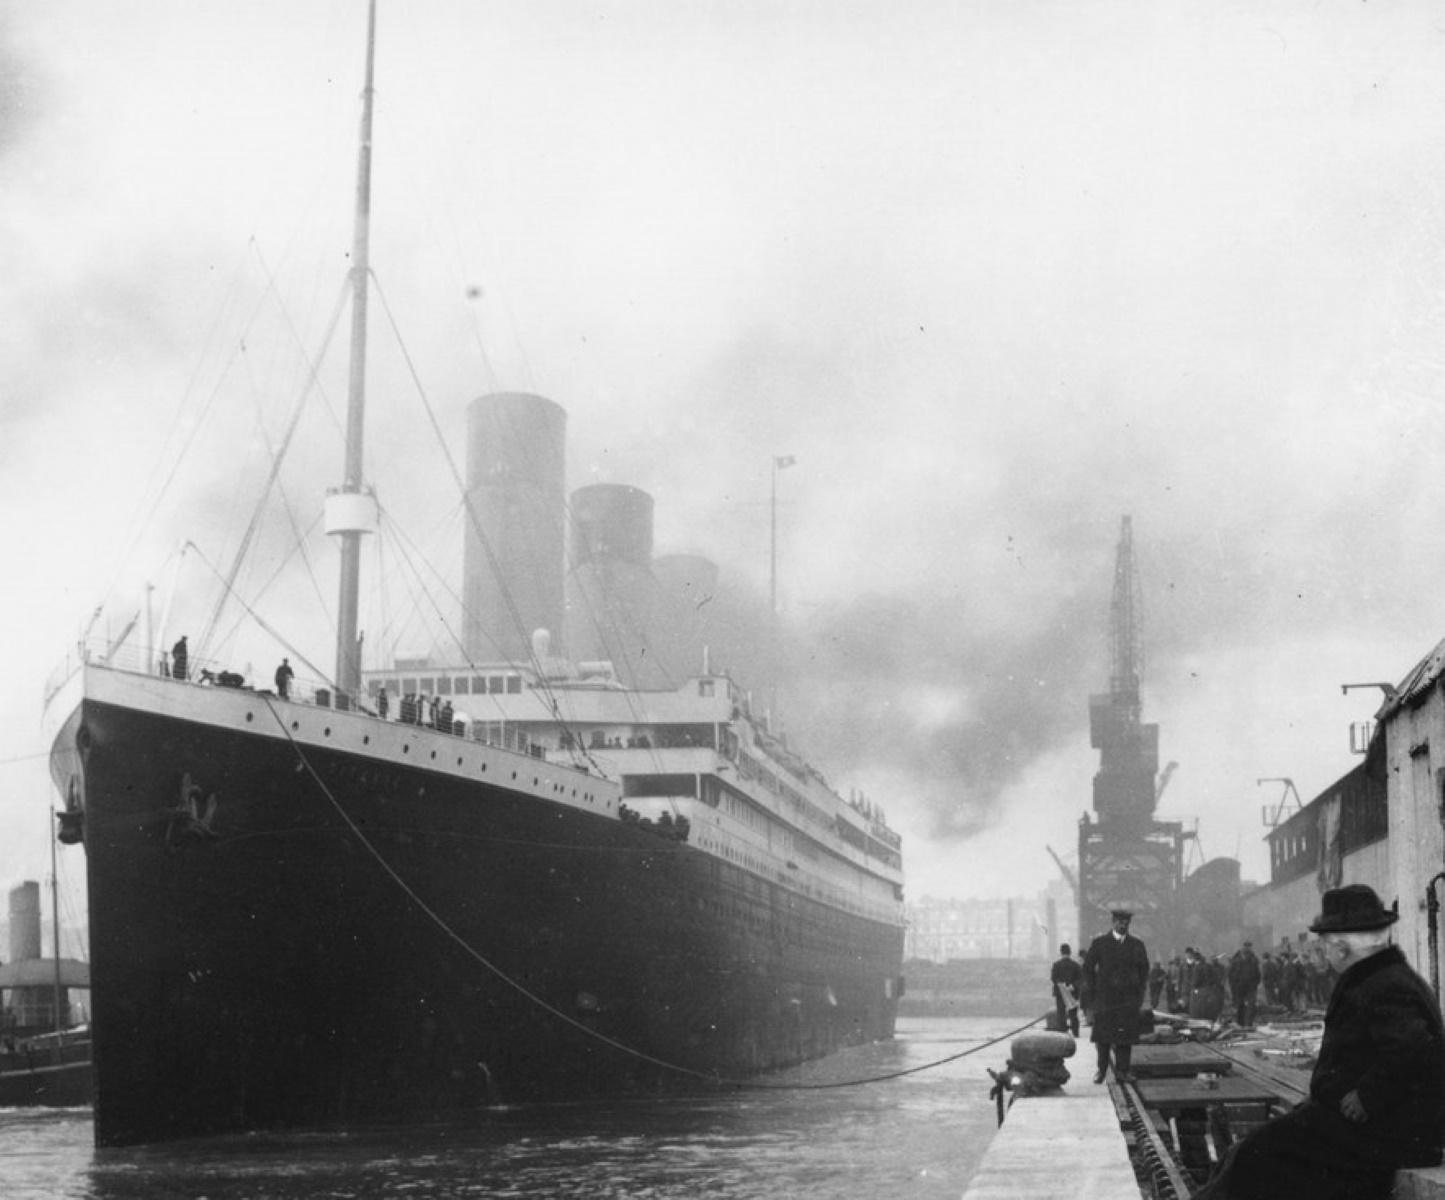 Τιτανικός: 109 χρόνια μετά οι θεωρίες συνωμοσίας για το ναυάγιο παραμένουν «ζωντανές»